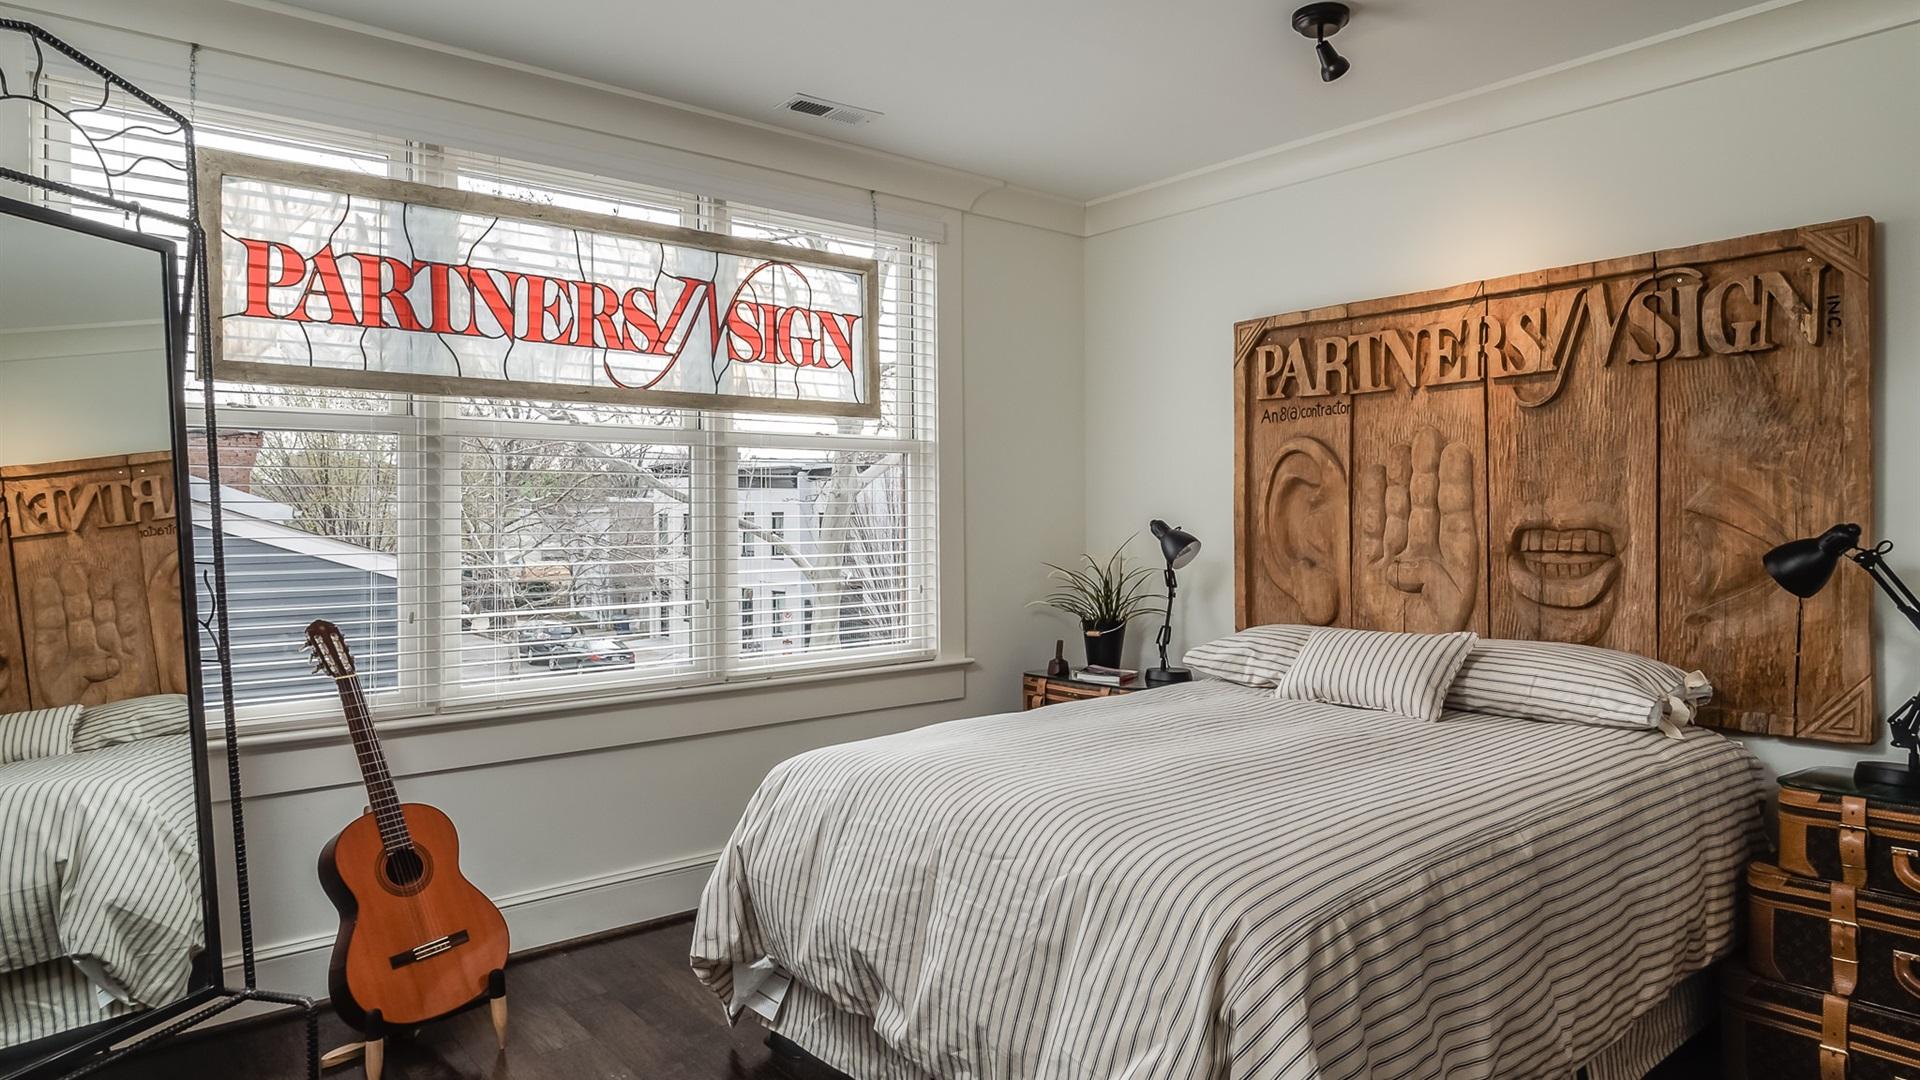 Wallpaper bedroom bed guitar window 1920x1200 hd for Best bedroom wallpaper